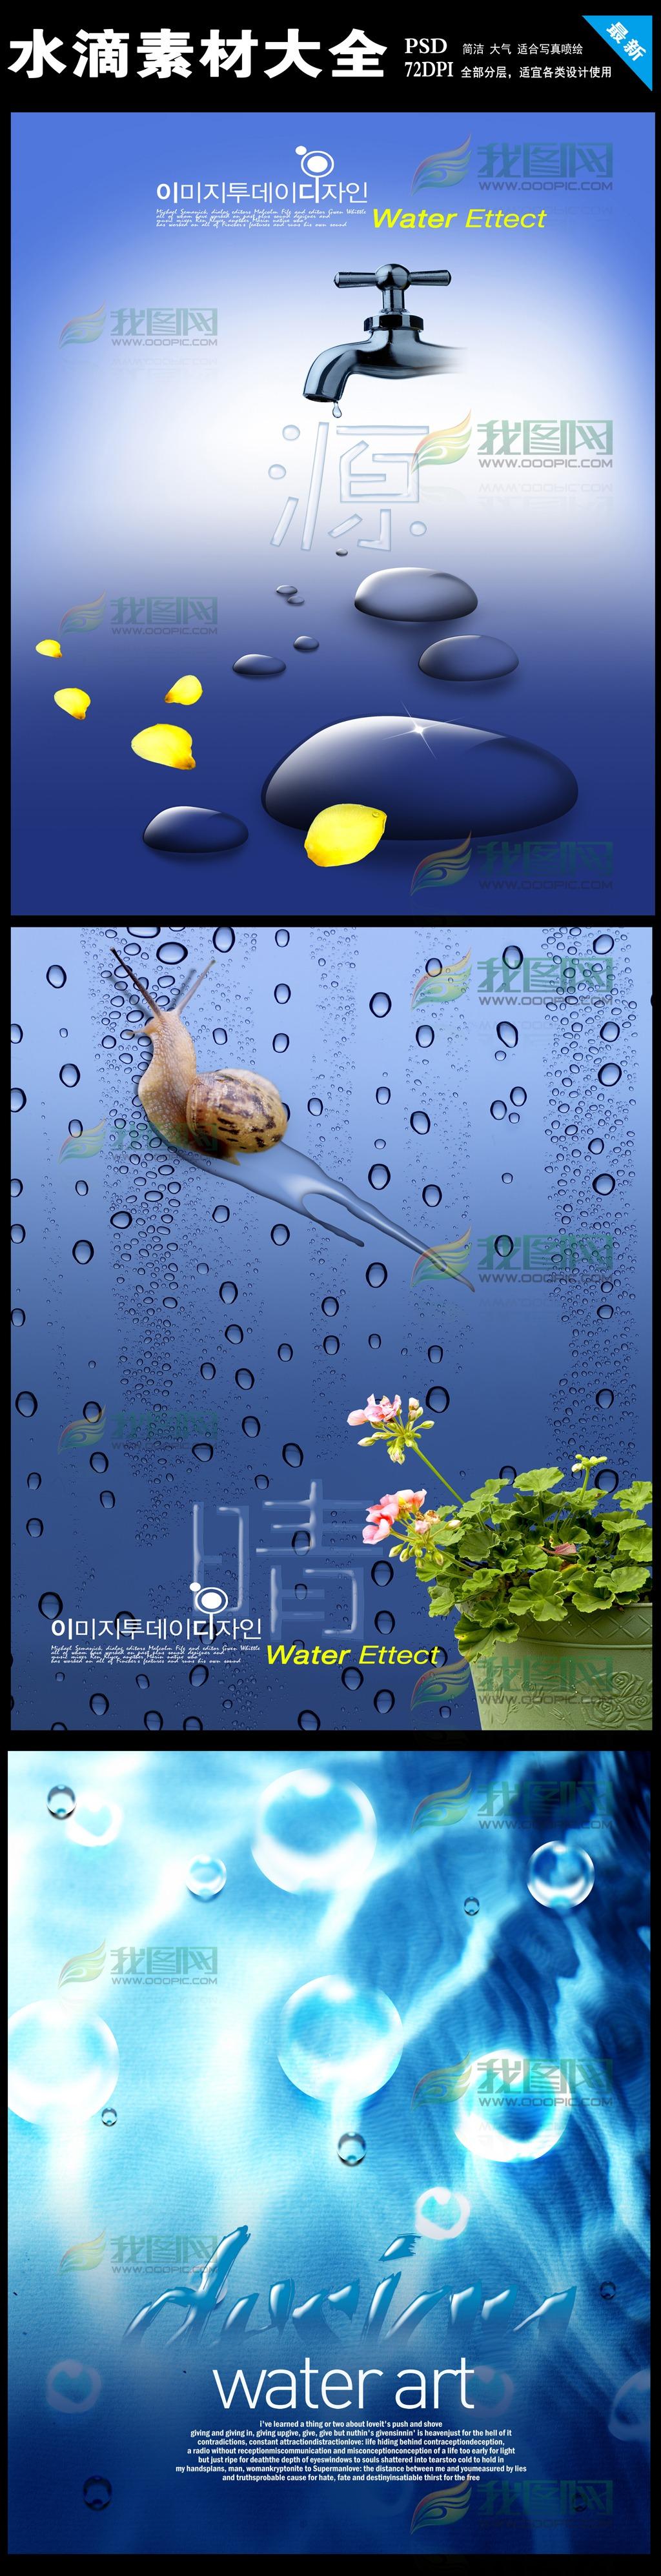 水水滴素材保护水资源展板素材图片